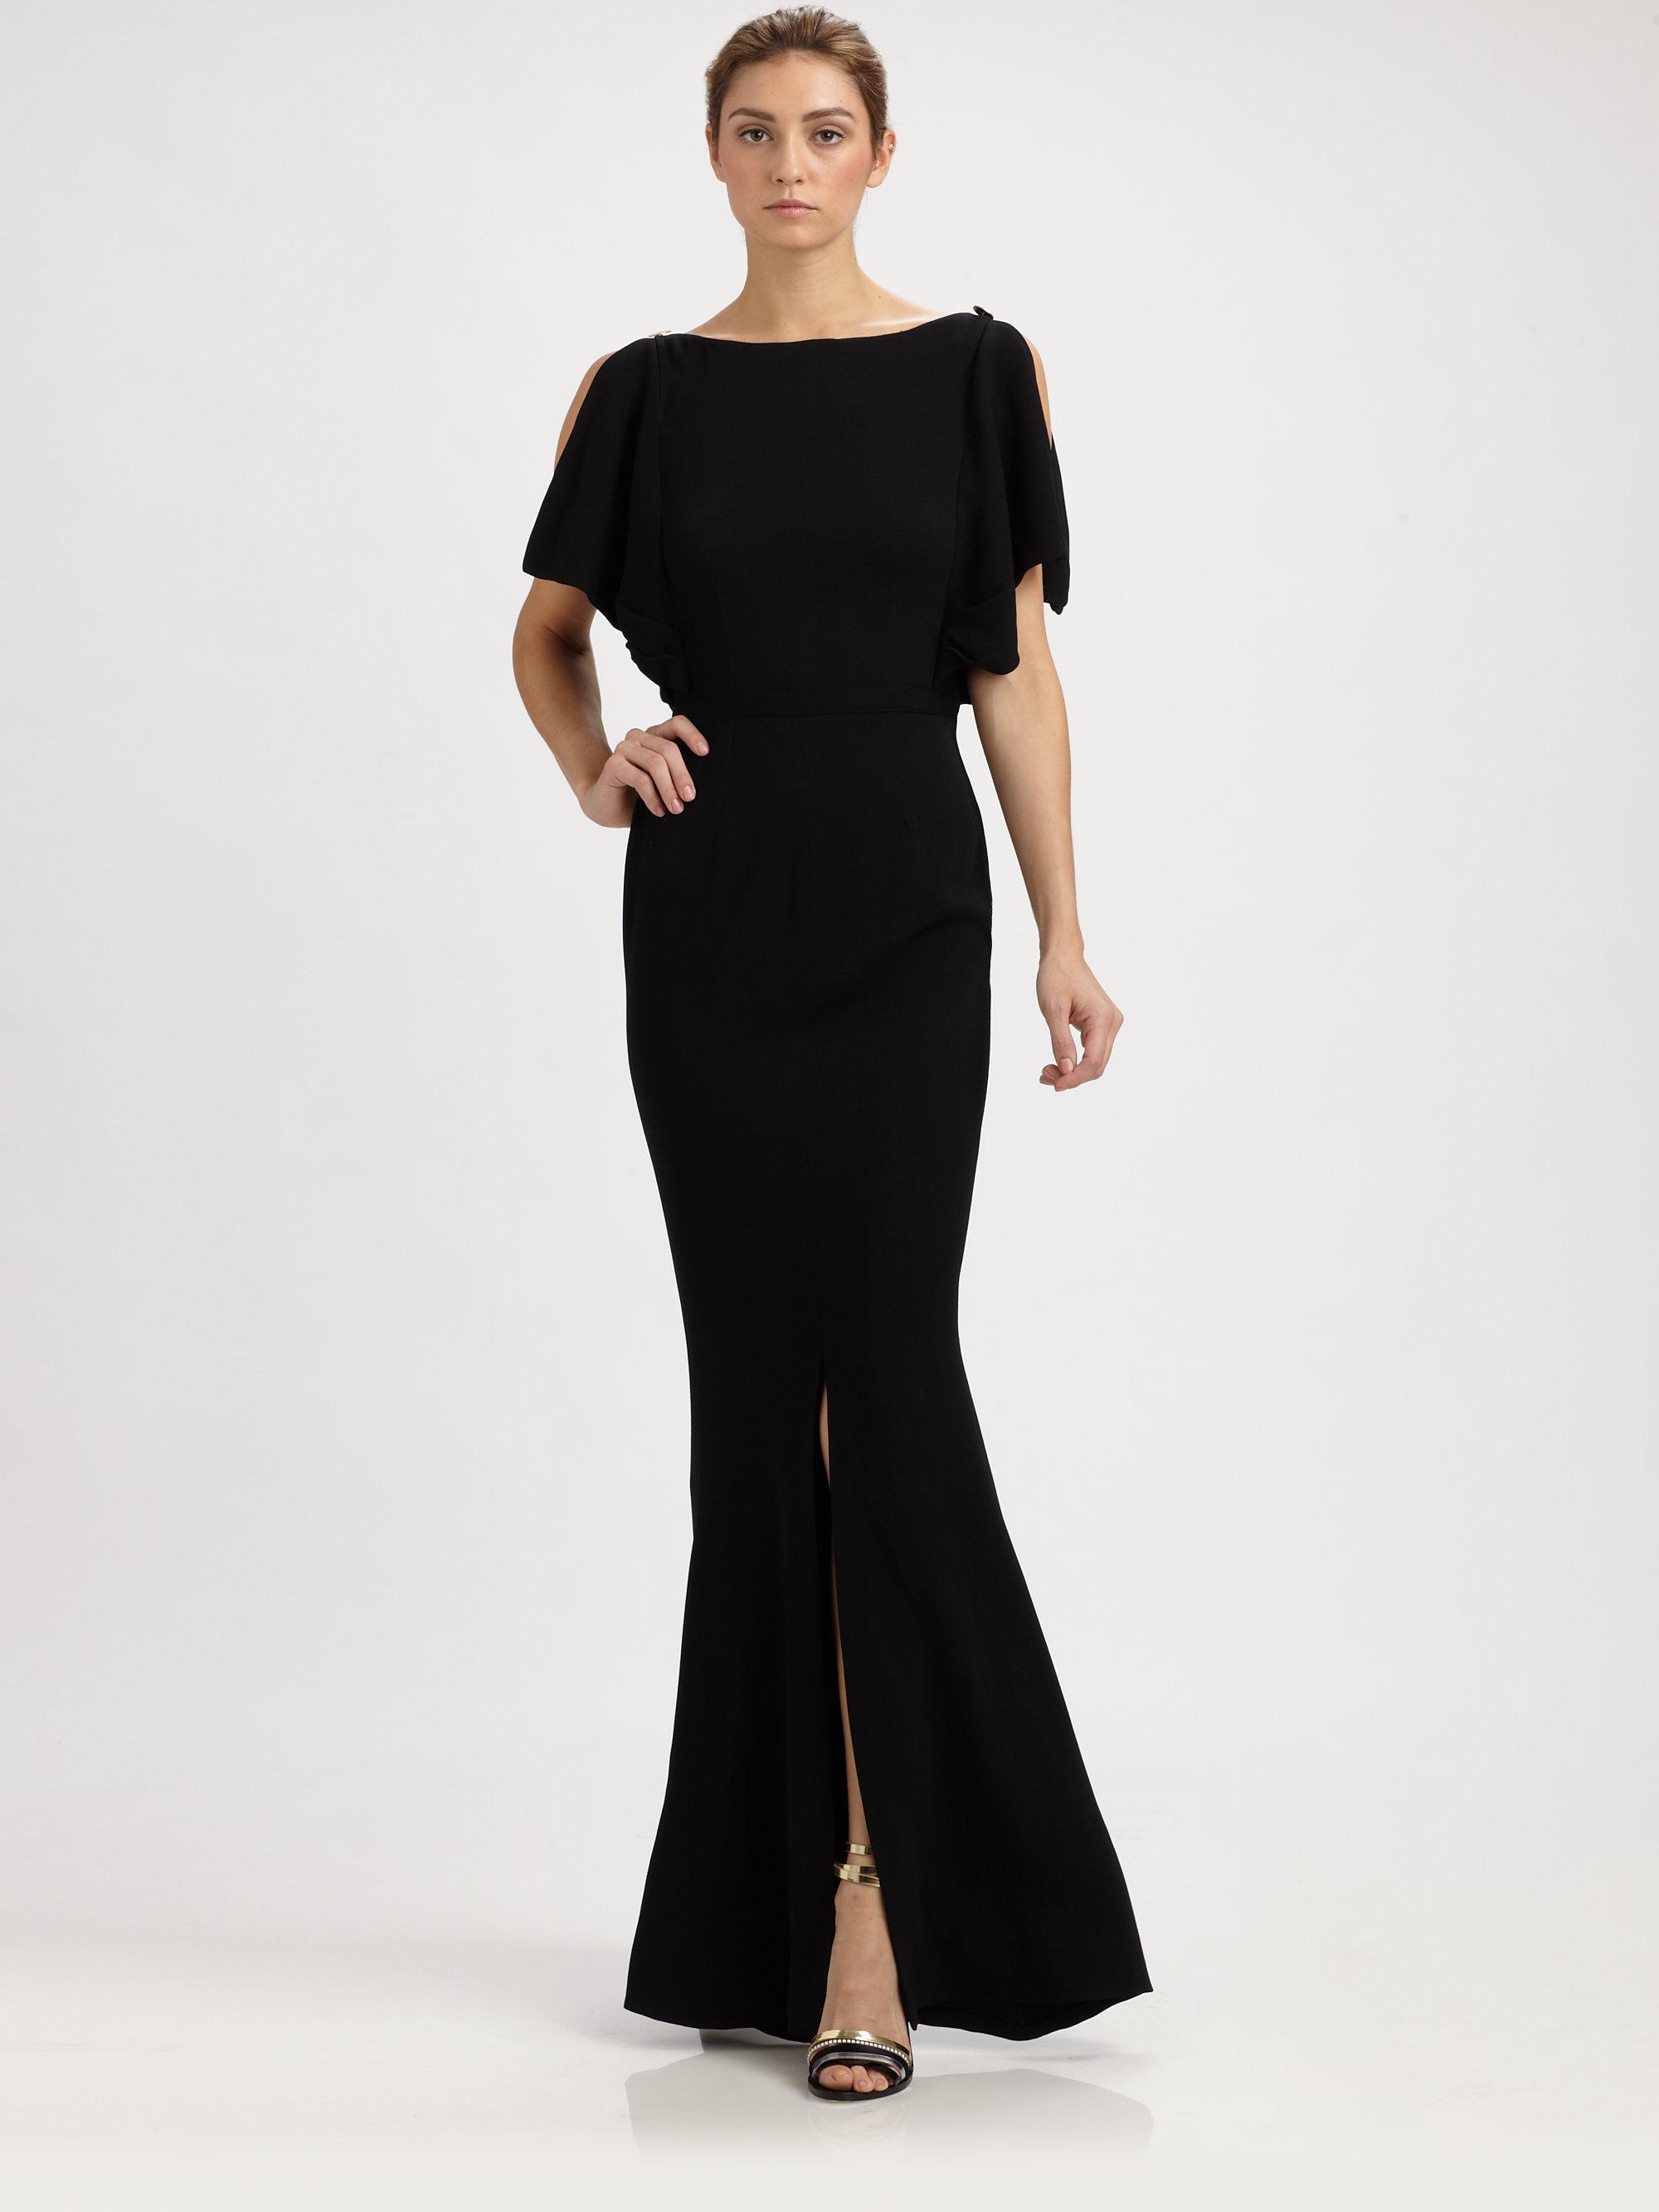 Lyst - Fendi Crepe Open Back Gown in Black